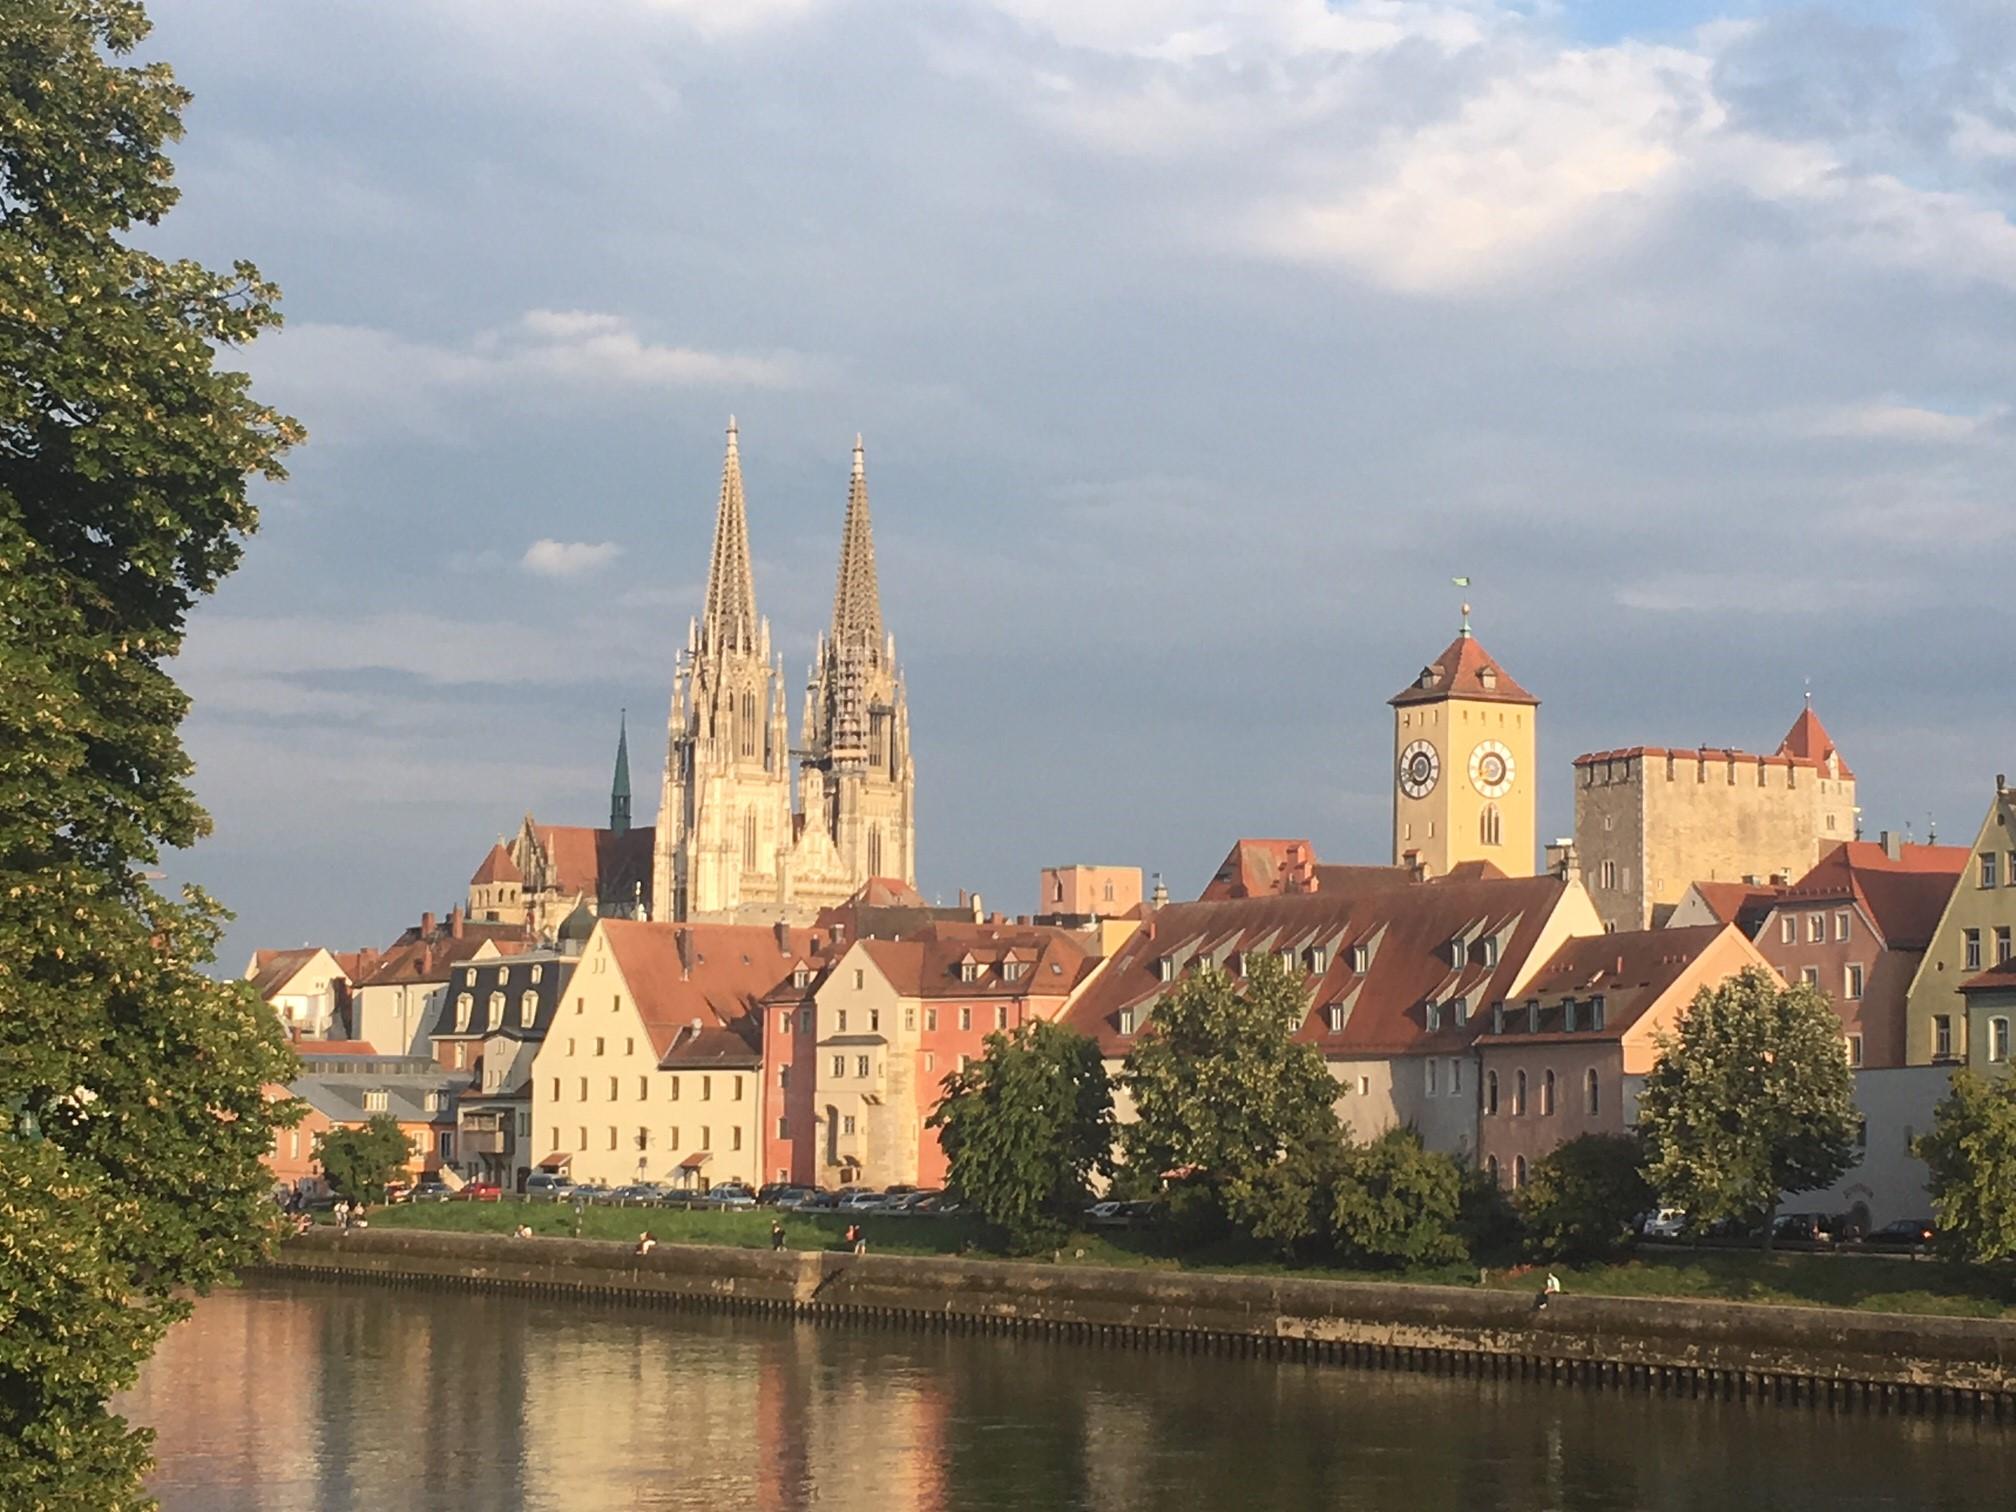 Die polnische Übersetzung von Regensburg - Ratyzbona, stammt aus dem Lateinischen